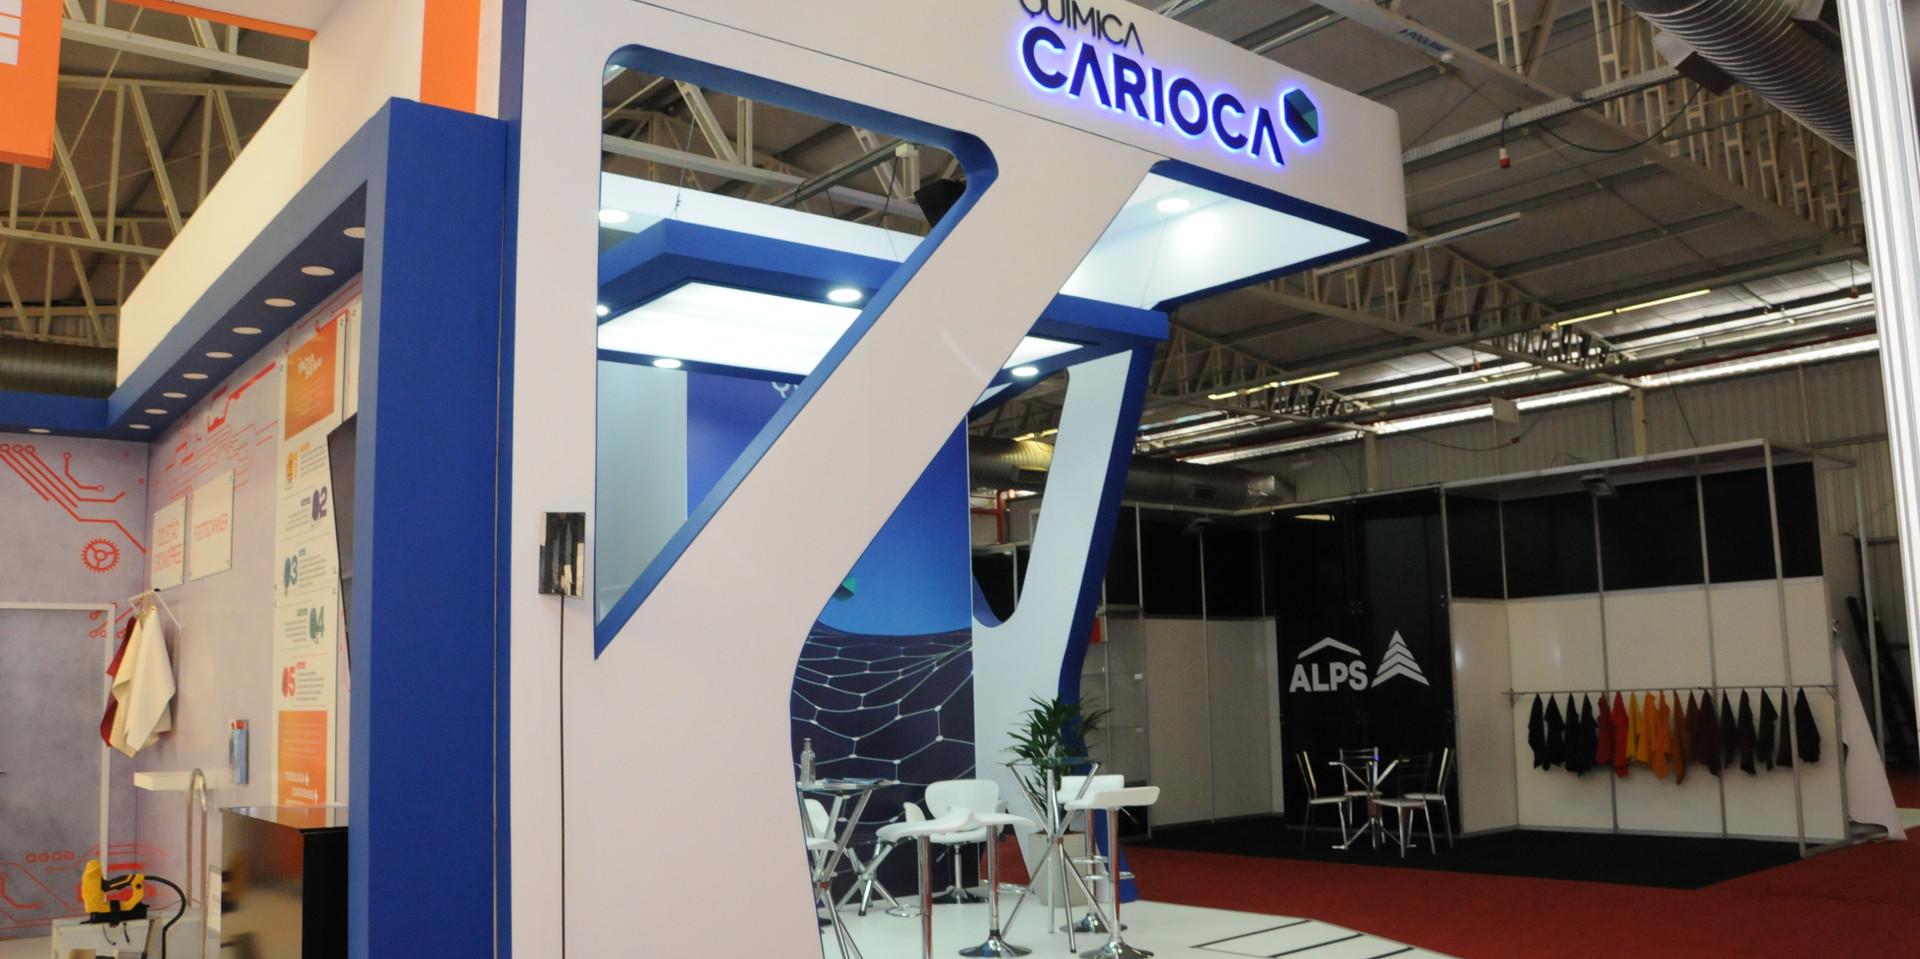 Química_Carioca_(6)[1].JPG